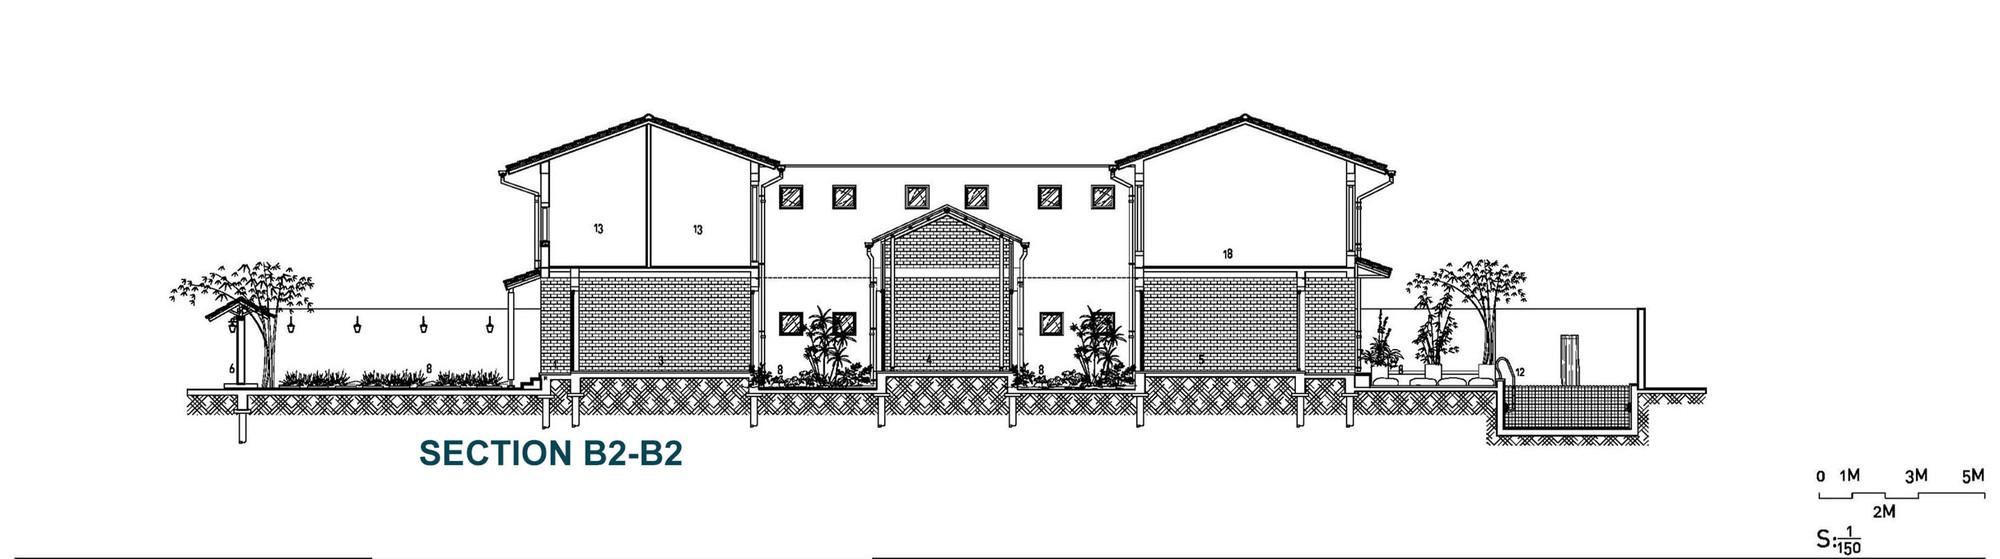 Matbang ModernTubeHouse 6b - Modern Tube House - Nhà ống hiện đại với nhiều khoảng xanh phá cách